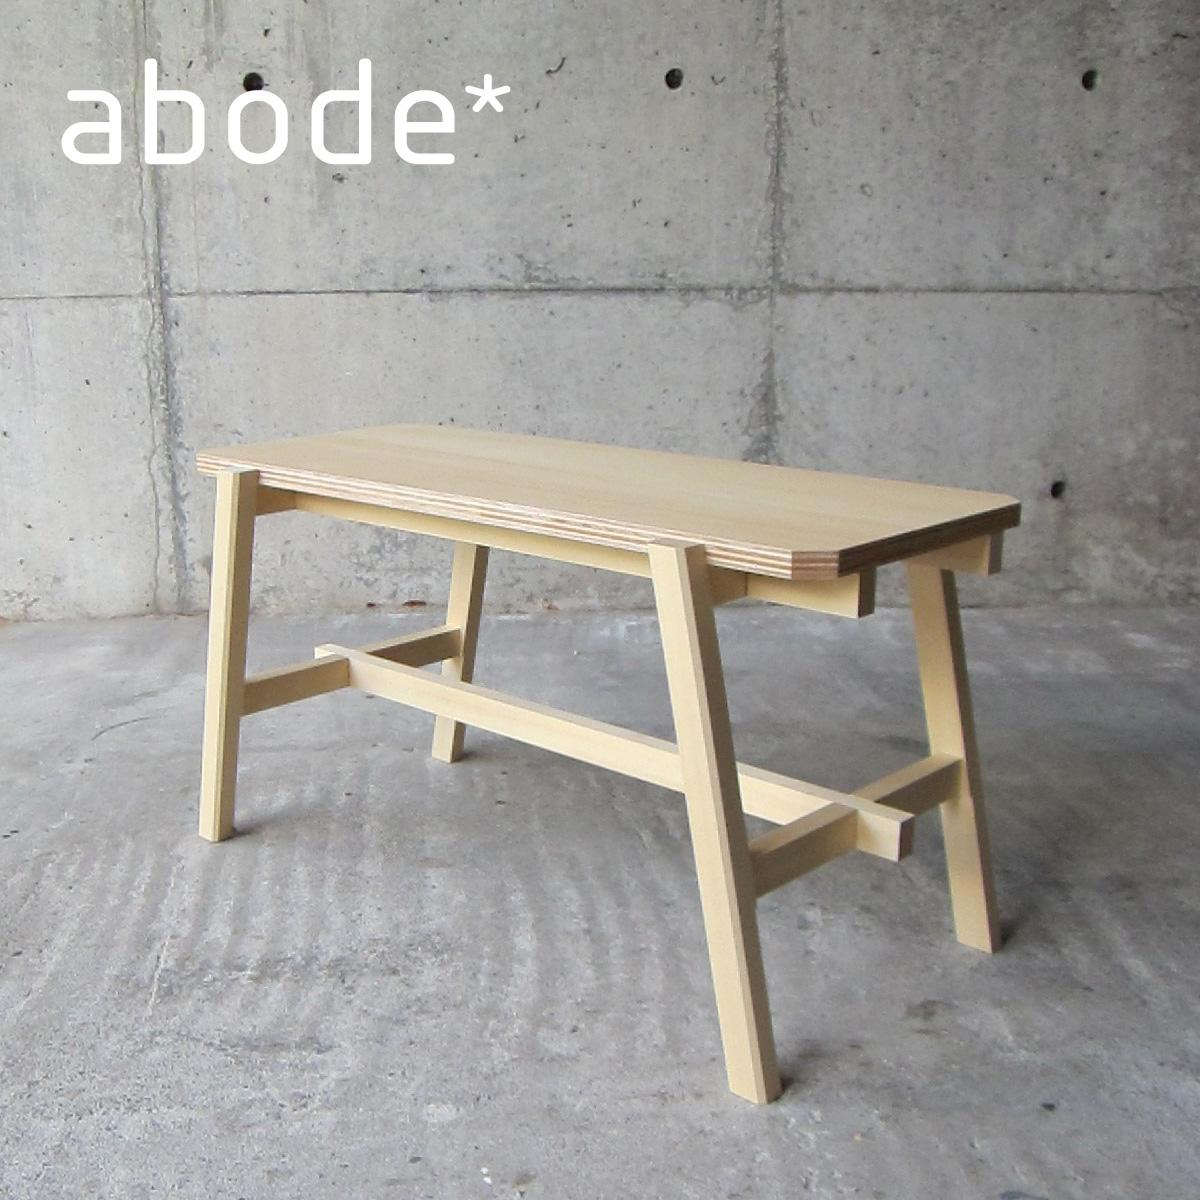 abode アボード 家具 GTR 700 /松尾直哉 まつおなおや Naoya Matsuo ベンチ・リビングテーブル・サイドテーブル・シェルフ・スタッキング・ノックダウンデザイナーズ家具